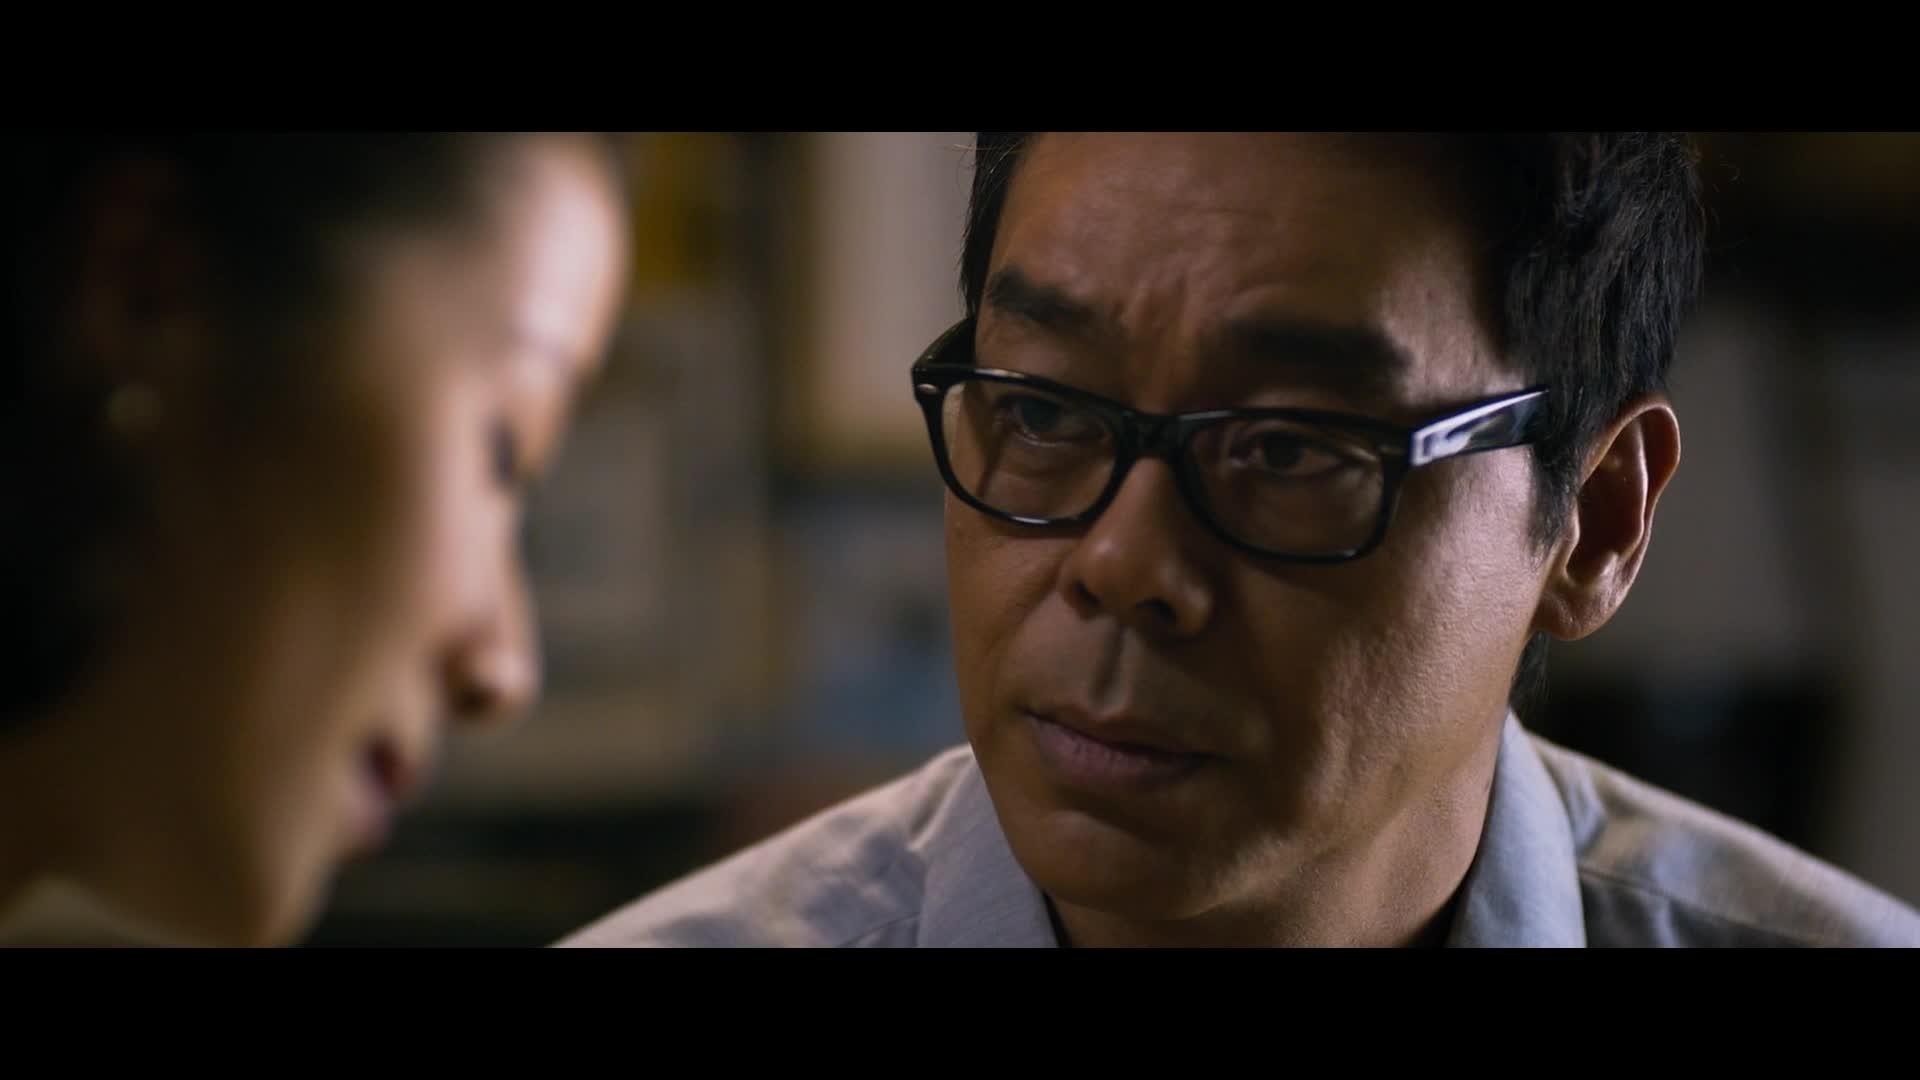 两人相逢,陈华想要感情重来,究竟还能不能挽回